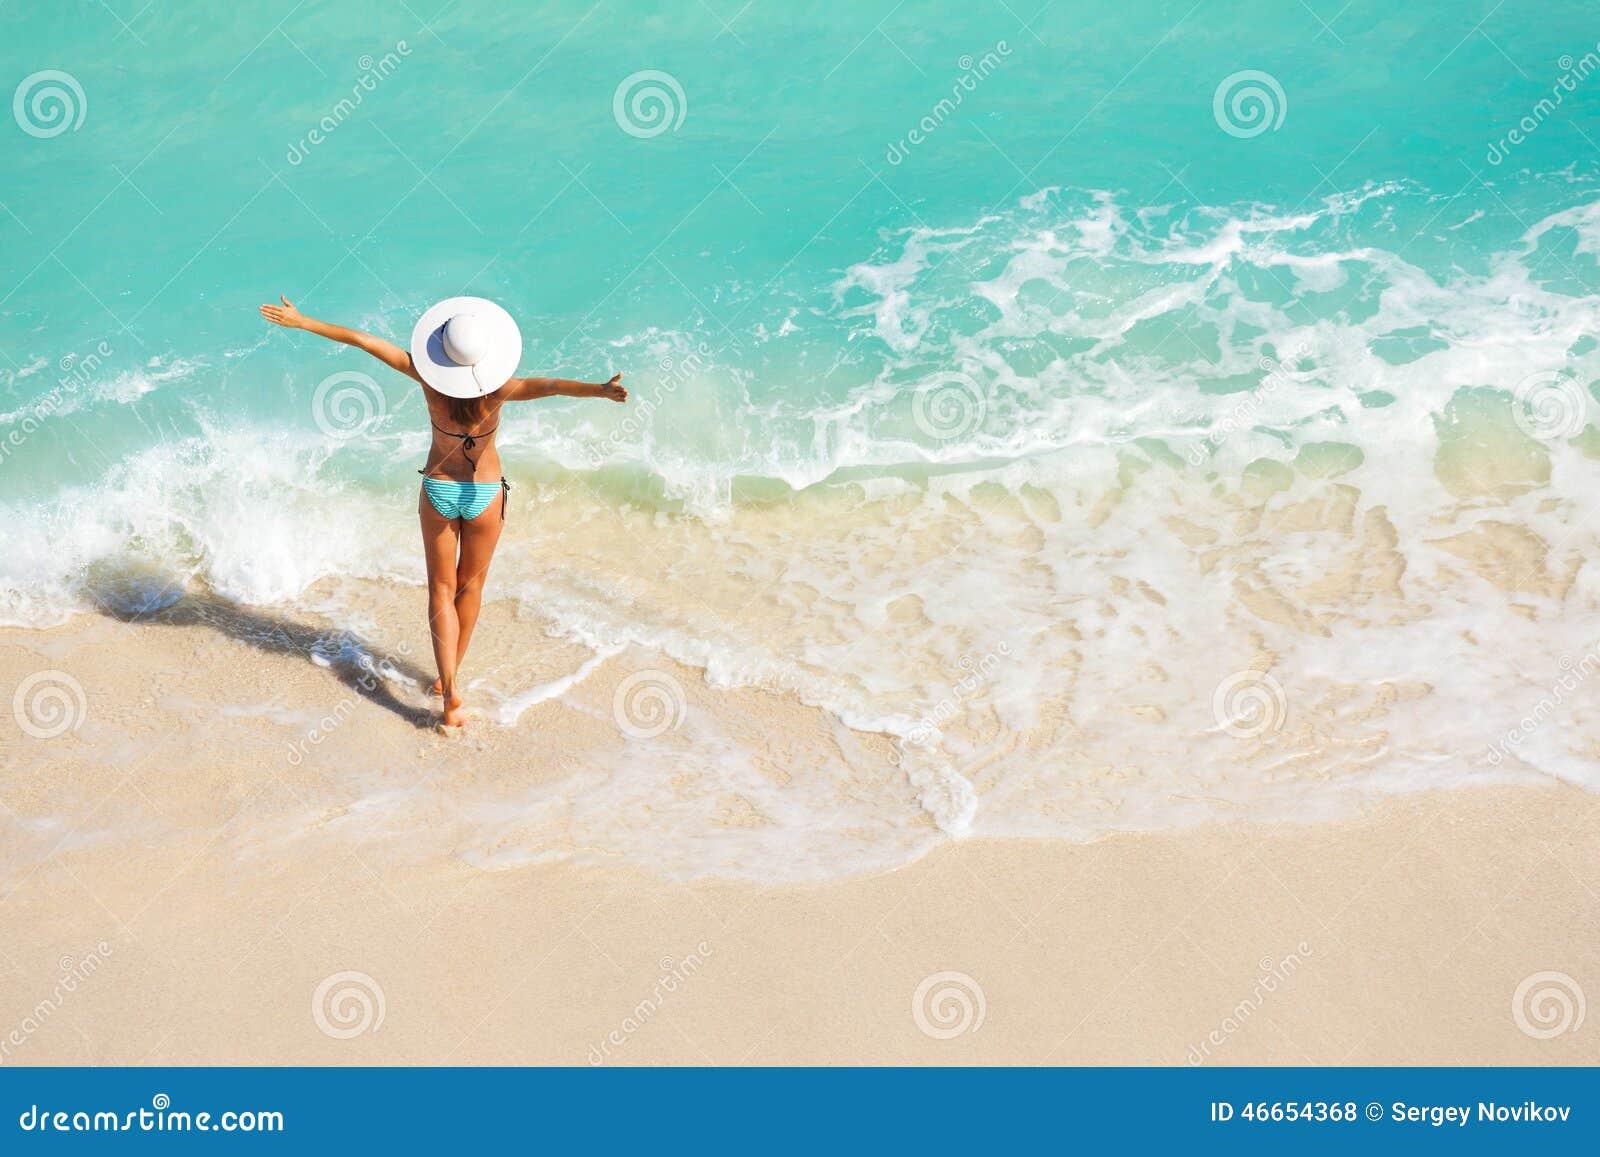 Junge Frau mit den Armen auseinander auf Sandstrand